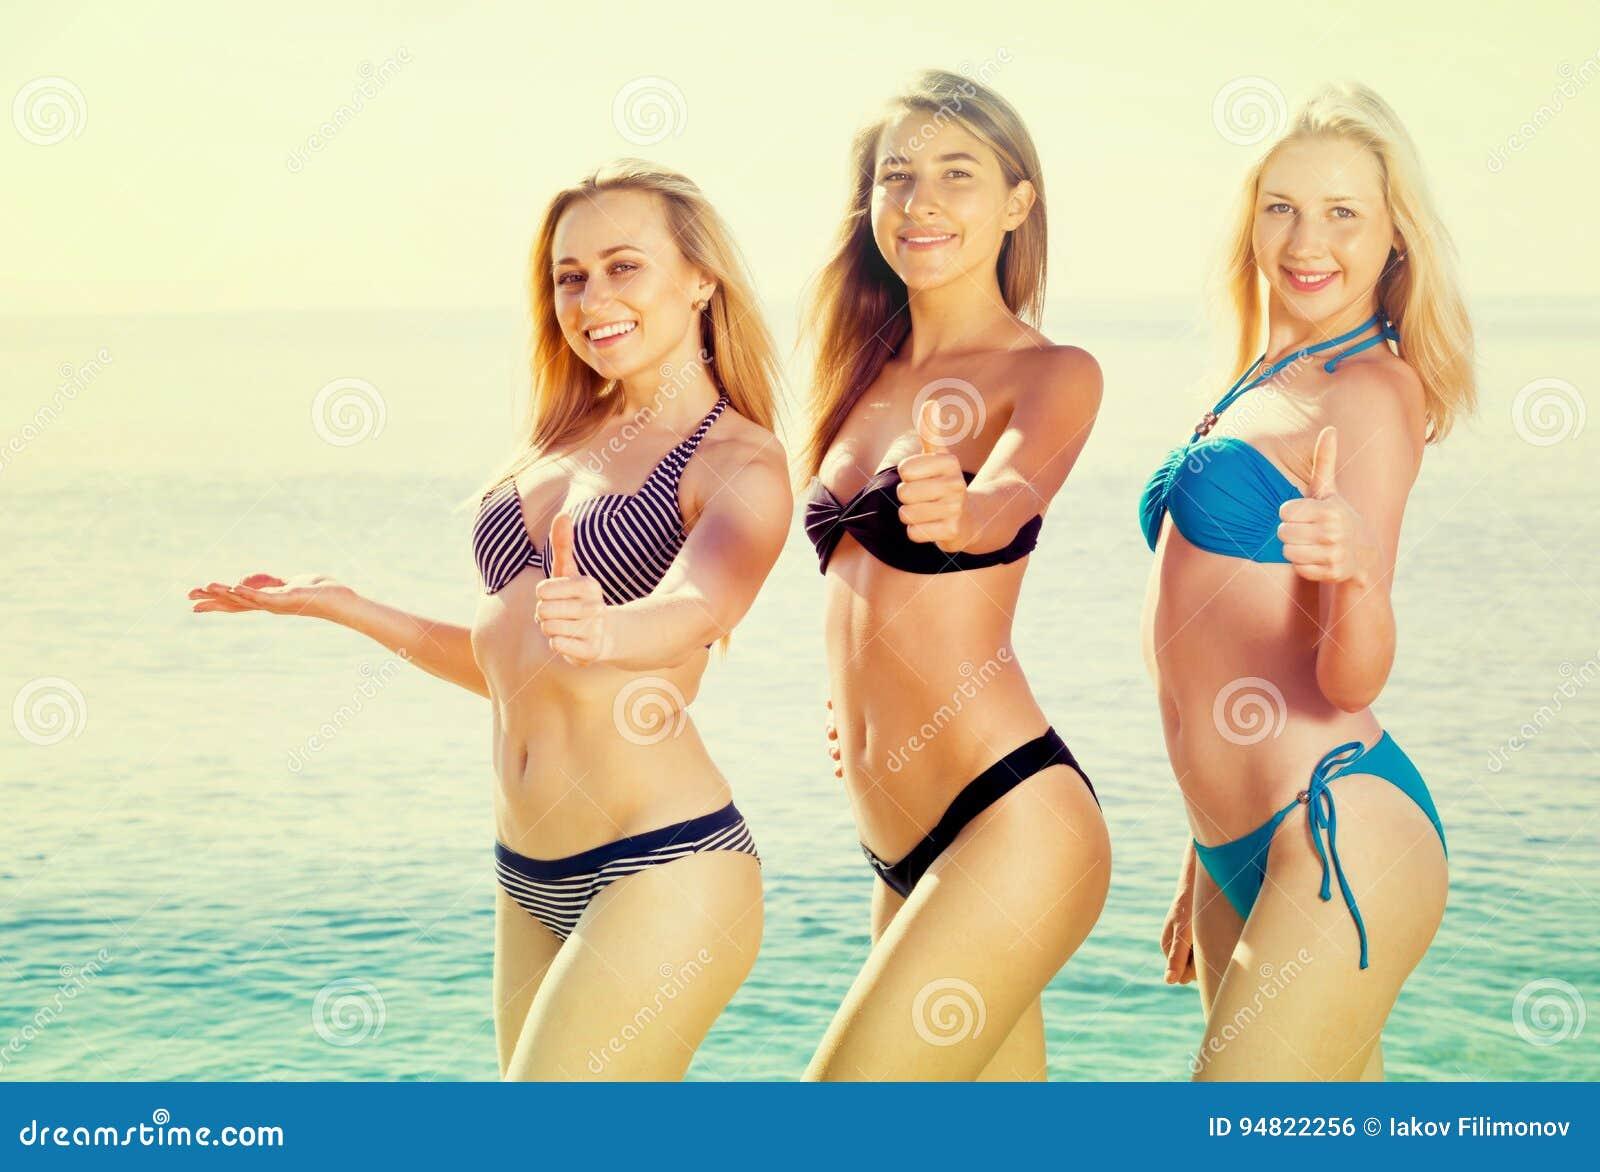 Drie jonge vrouwen in bikini op strand